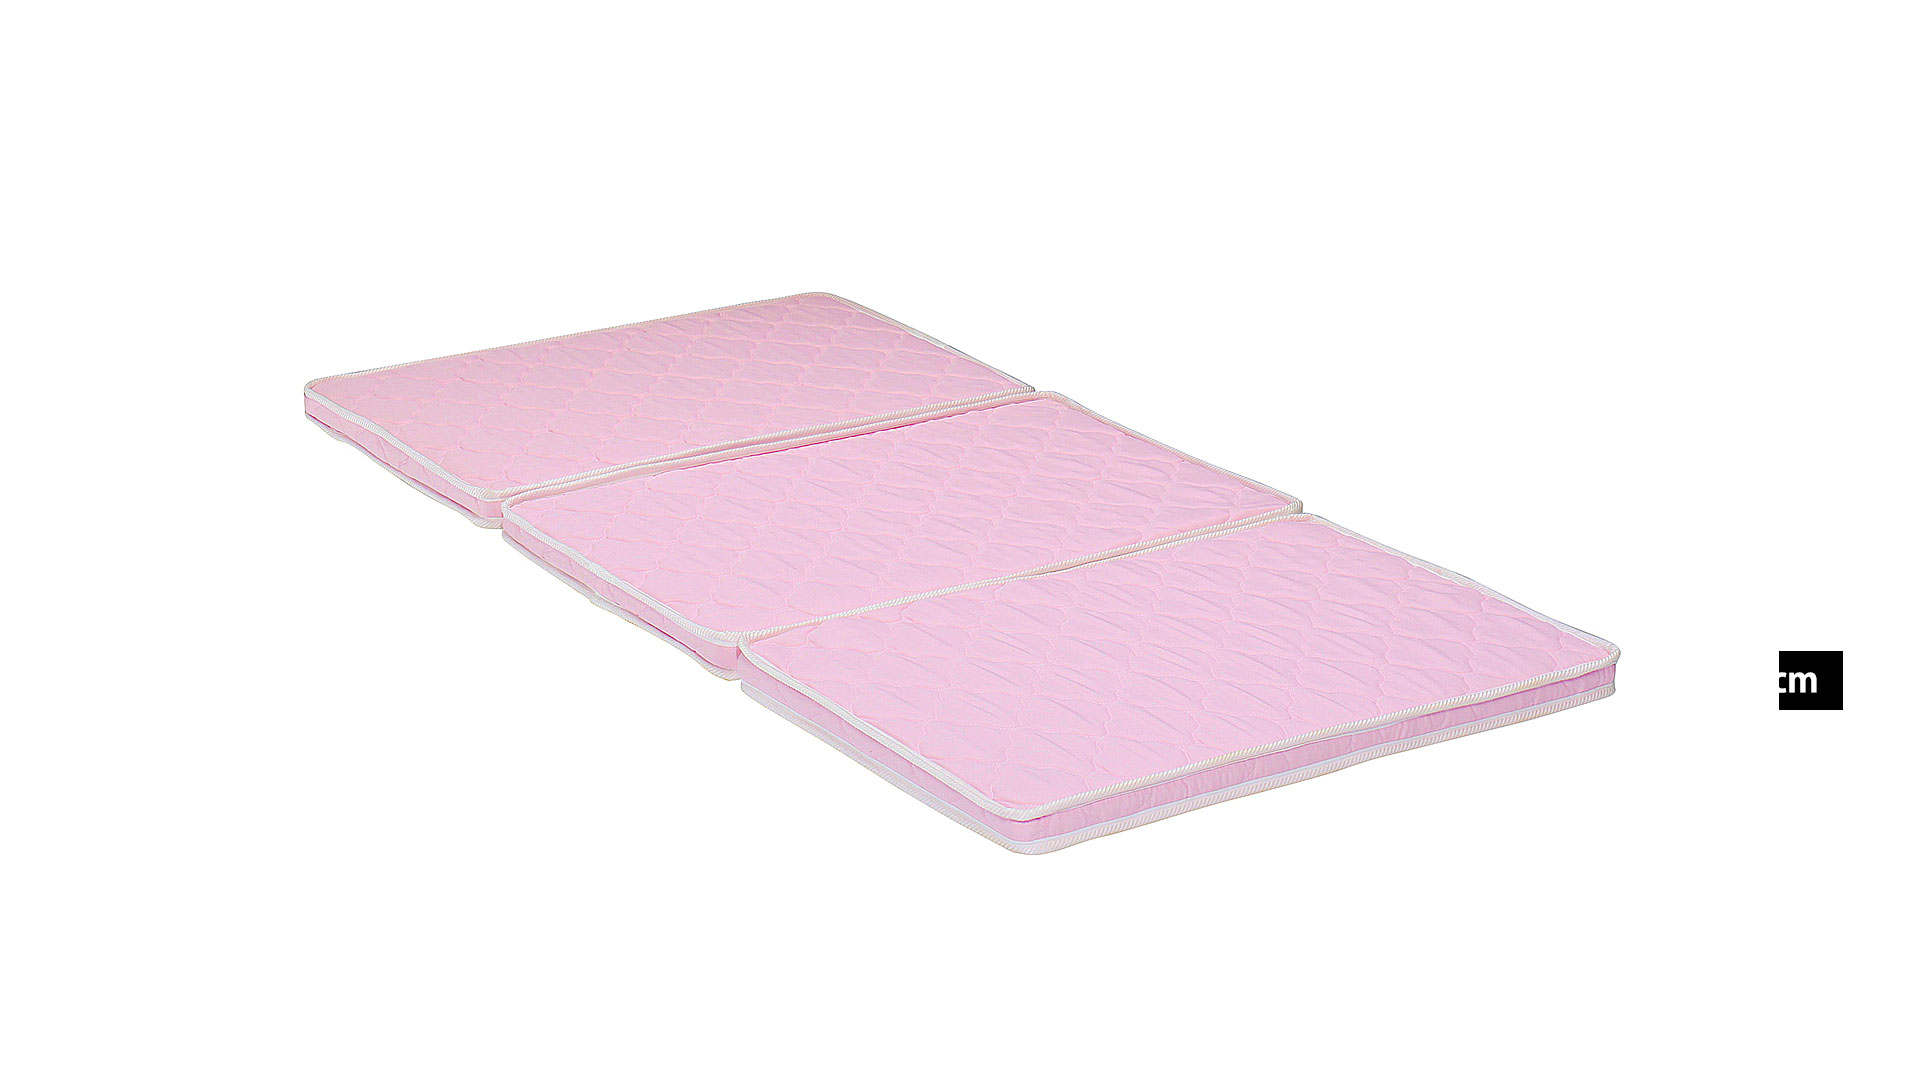 リビンズの三折れパームマットレス「ベルンⅢ」のピンクの画像